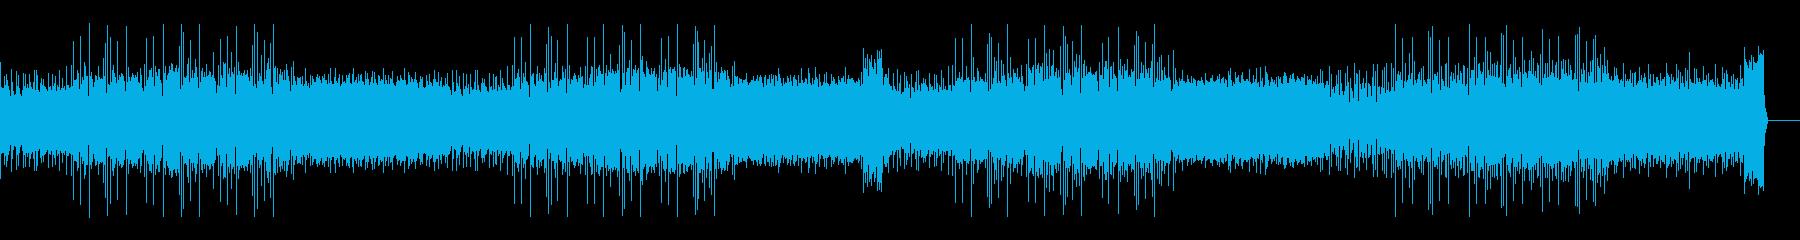 緊迫感・疾走感あるサスペンス系のBGMの再生済みの波形